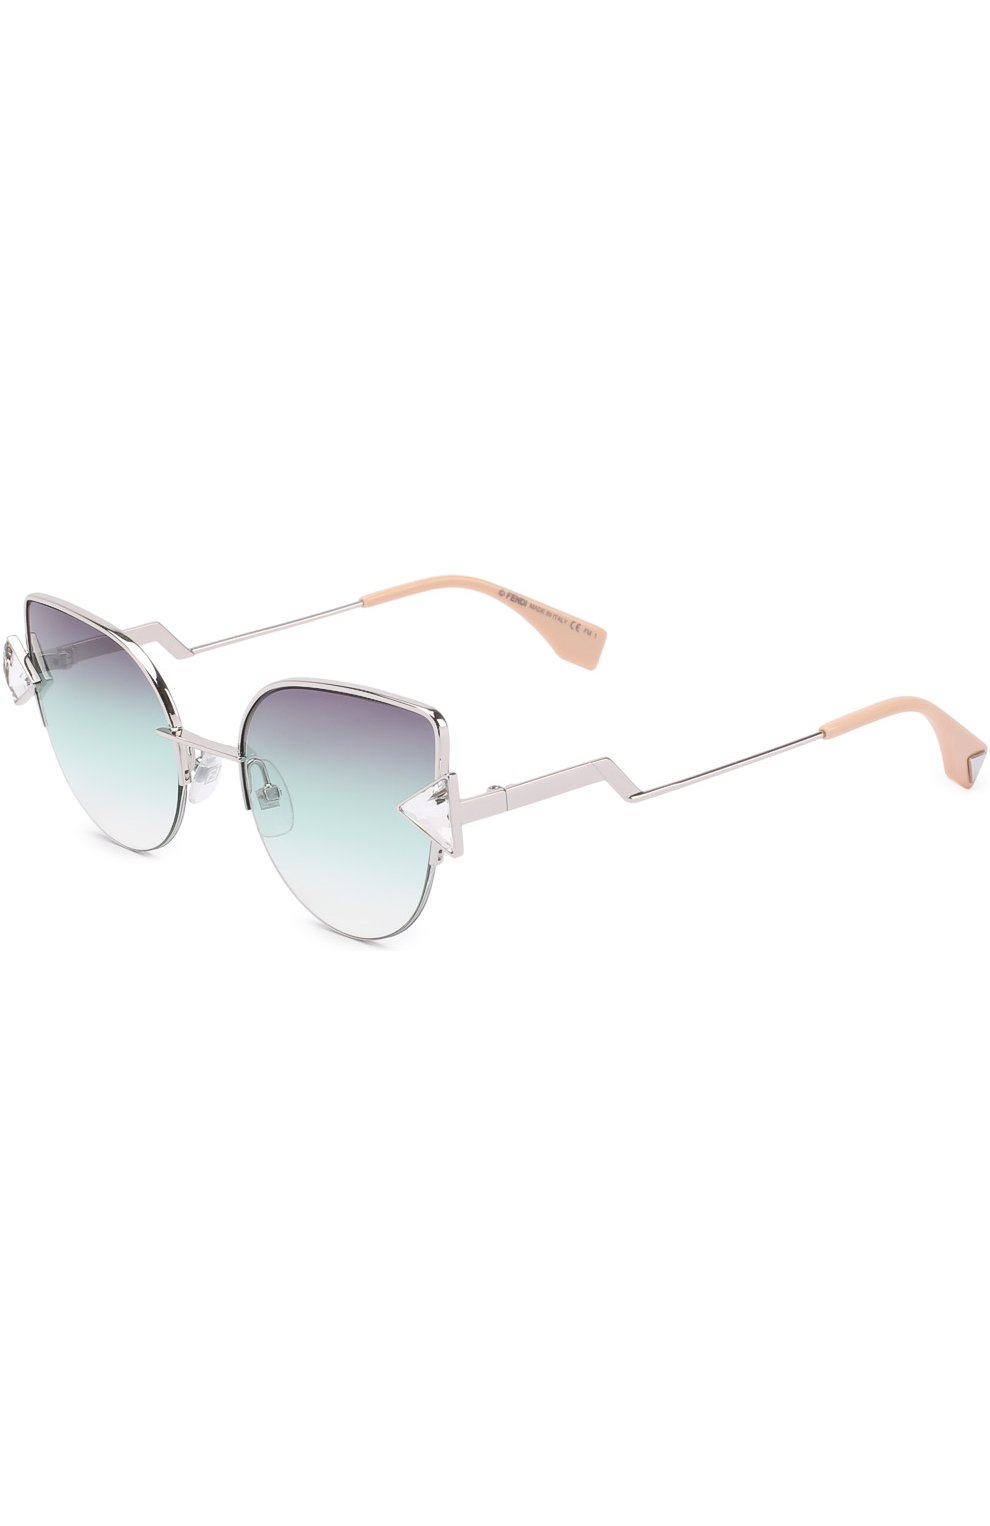 Женские солнцезащитные очки FENDI серебряного цвета, арт. 0242 VGV | Фото 1